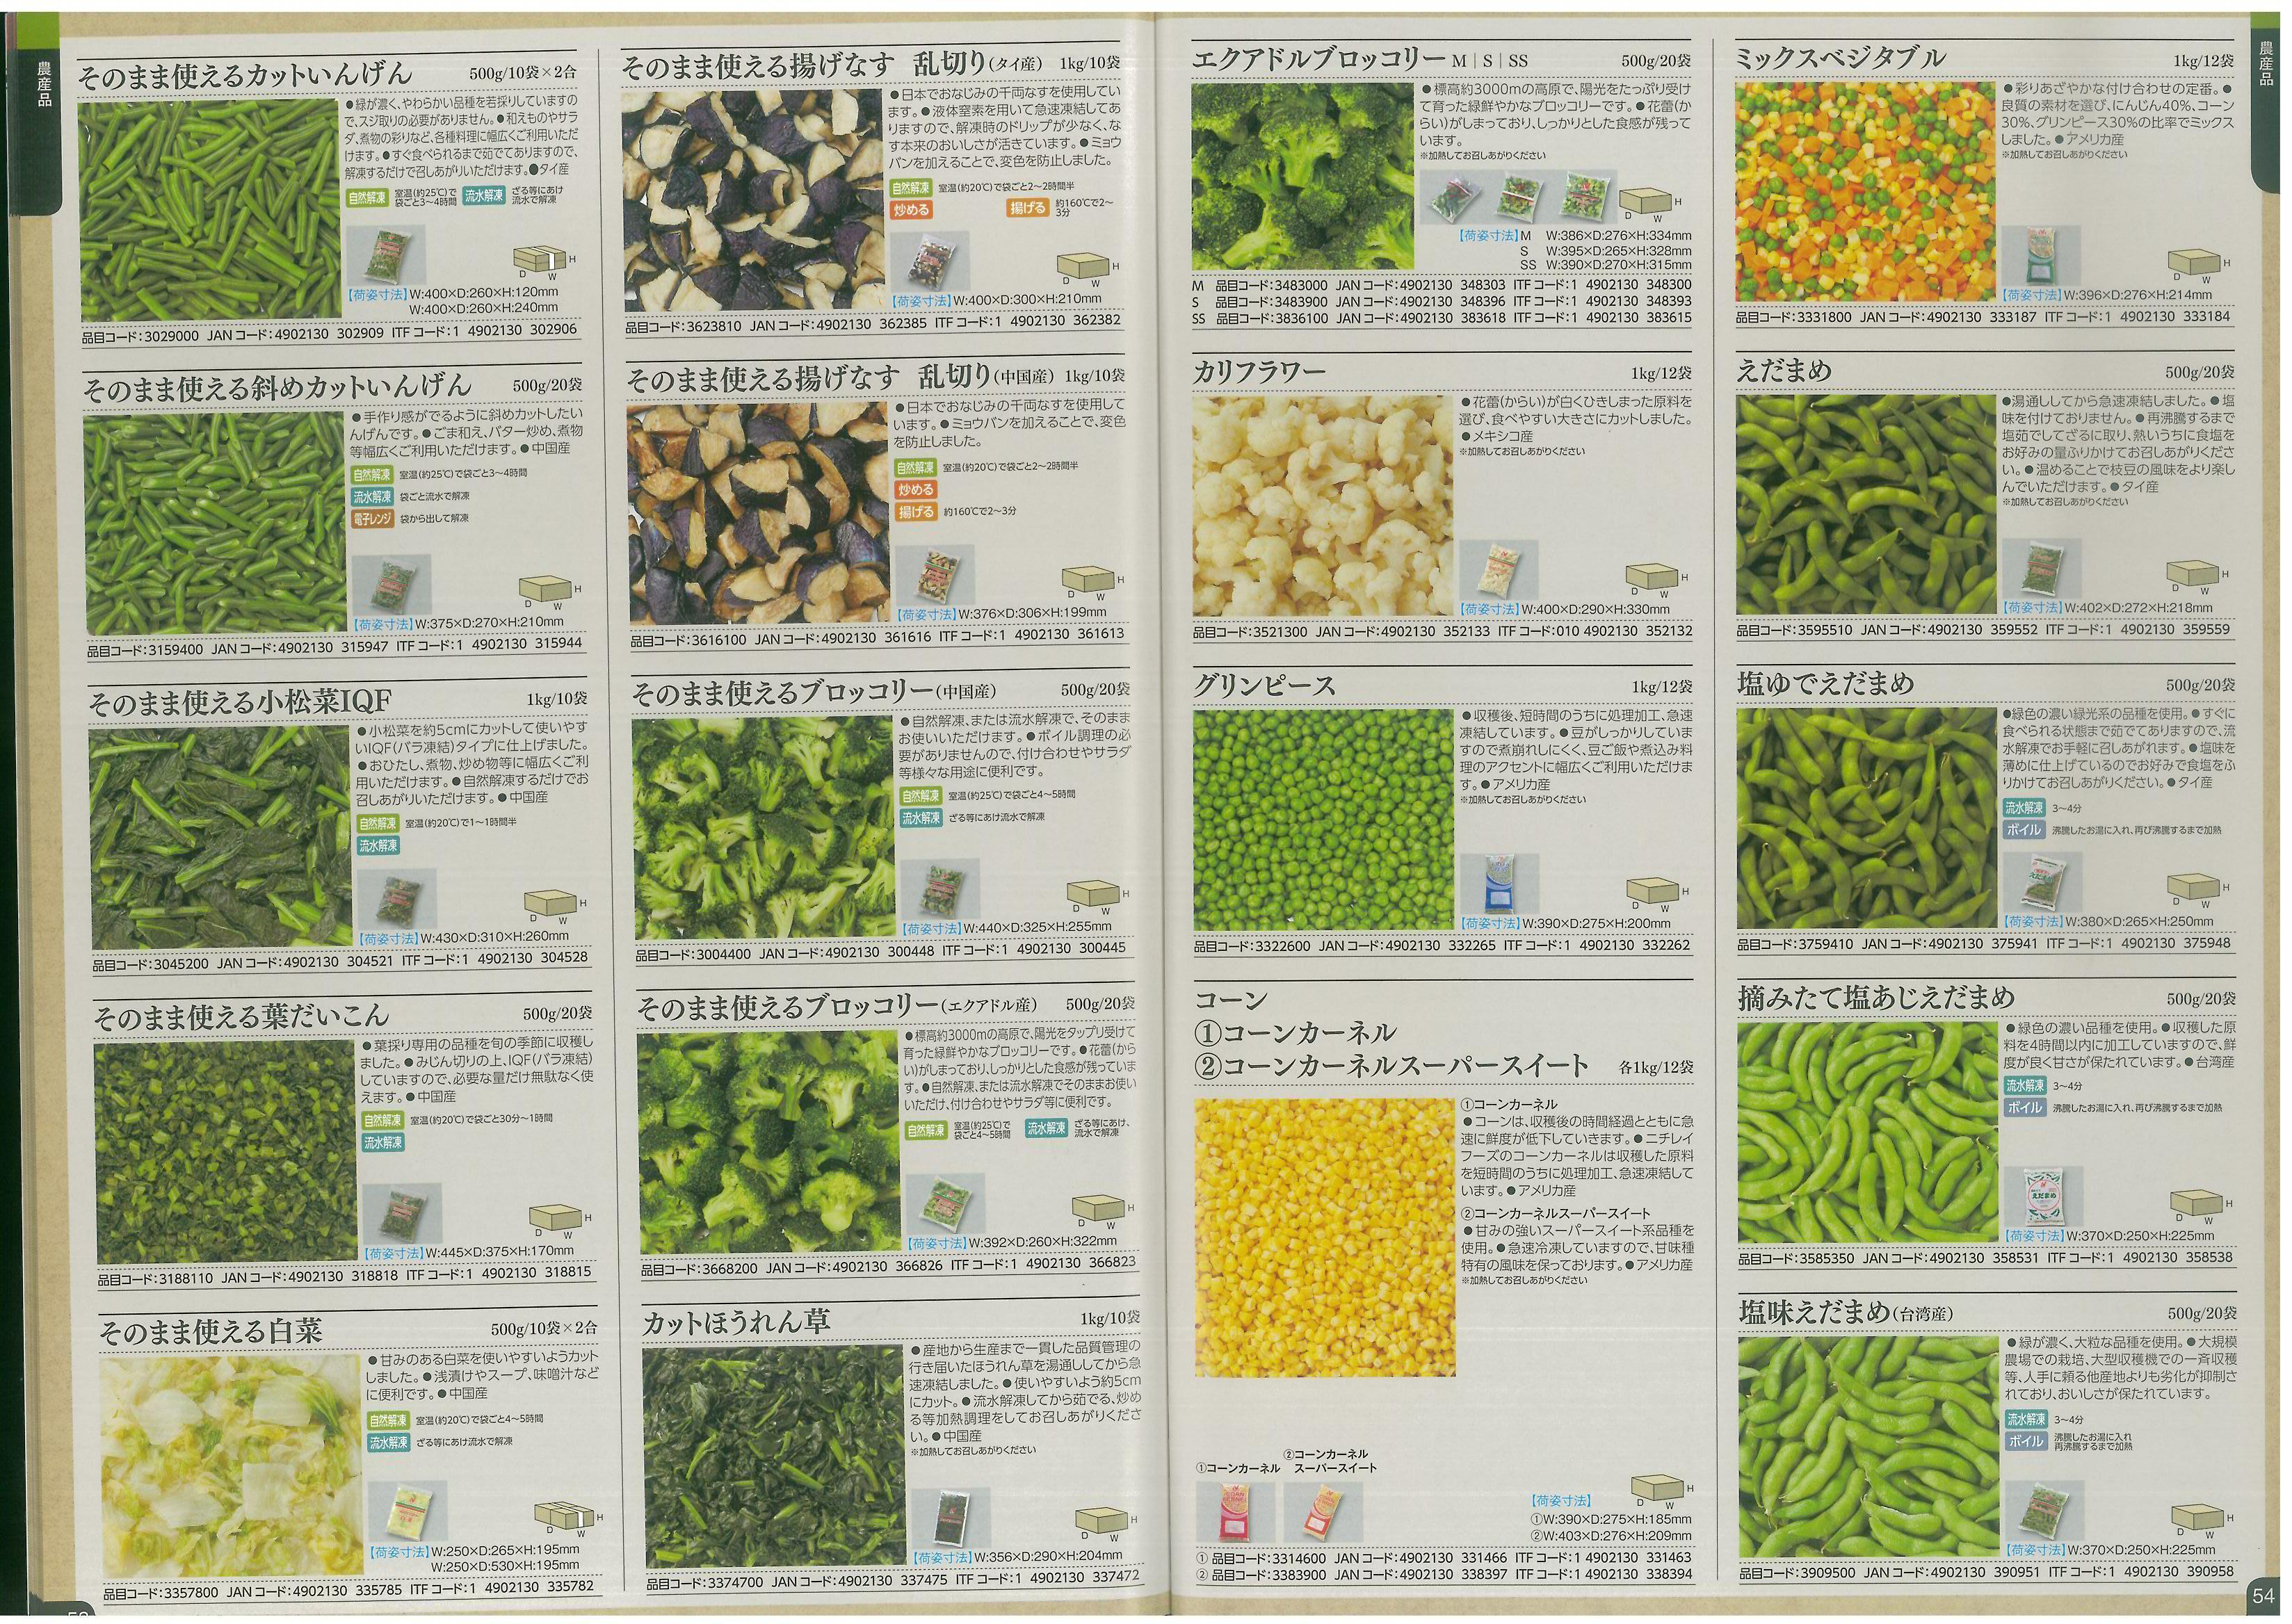 ニチレイ そのまま使えるカットいんげん そのまま使える斜めカットいんげん そのまま使える小松菜IQF そのまま使える葉だいこん そのまま使える白菜 そのまま使えるあげなす乱切り(タイ産) そのまま使える揚げなす乱切り(中国産) そのまま使えるブロッコリー(中国産) そのまま使えるブロッコリー(エクアドル産) カットほうれん草 エクアドルブロッコリー カリフラワー グリンピース コーン コーンカーネル コーンカーネルスーパースイート ミックスベジタブル えだまめ 塩ゆでえだまめ 摘みたて塩あじえだまめ 塩味えだまめ(台湾産)